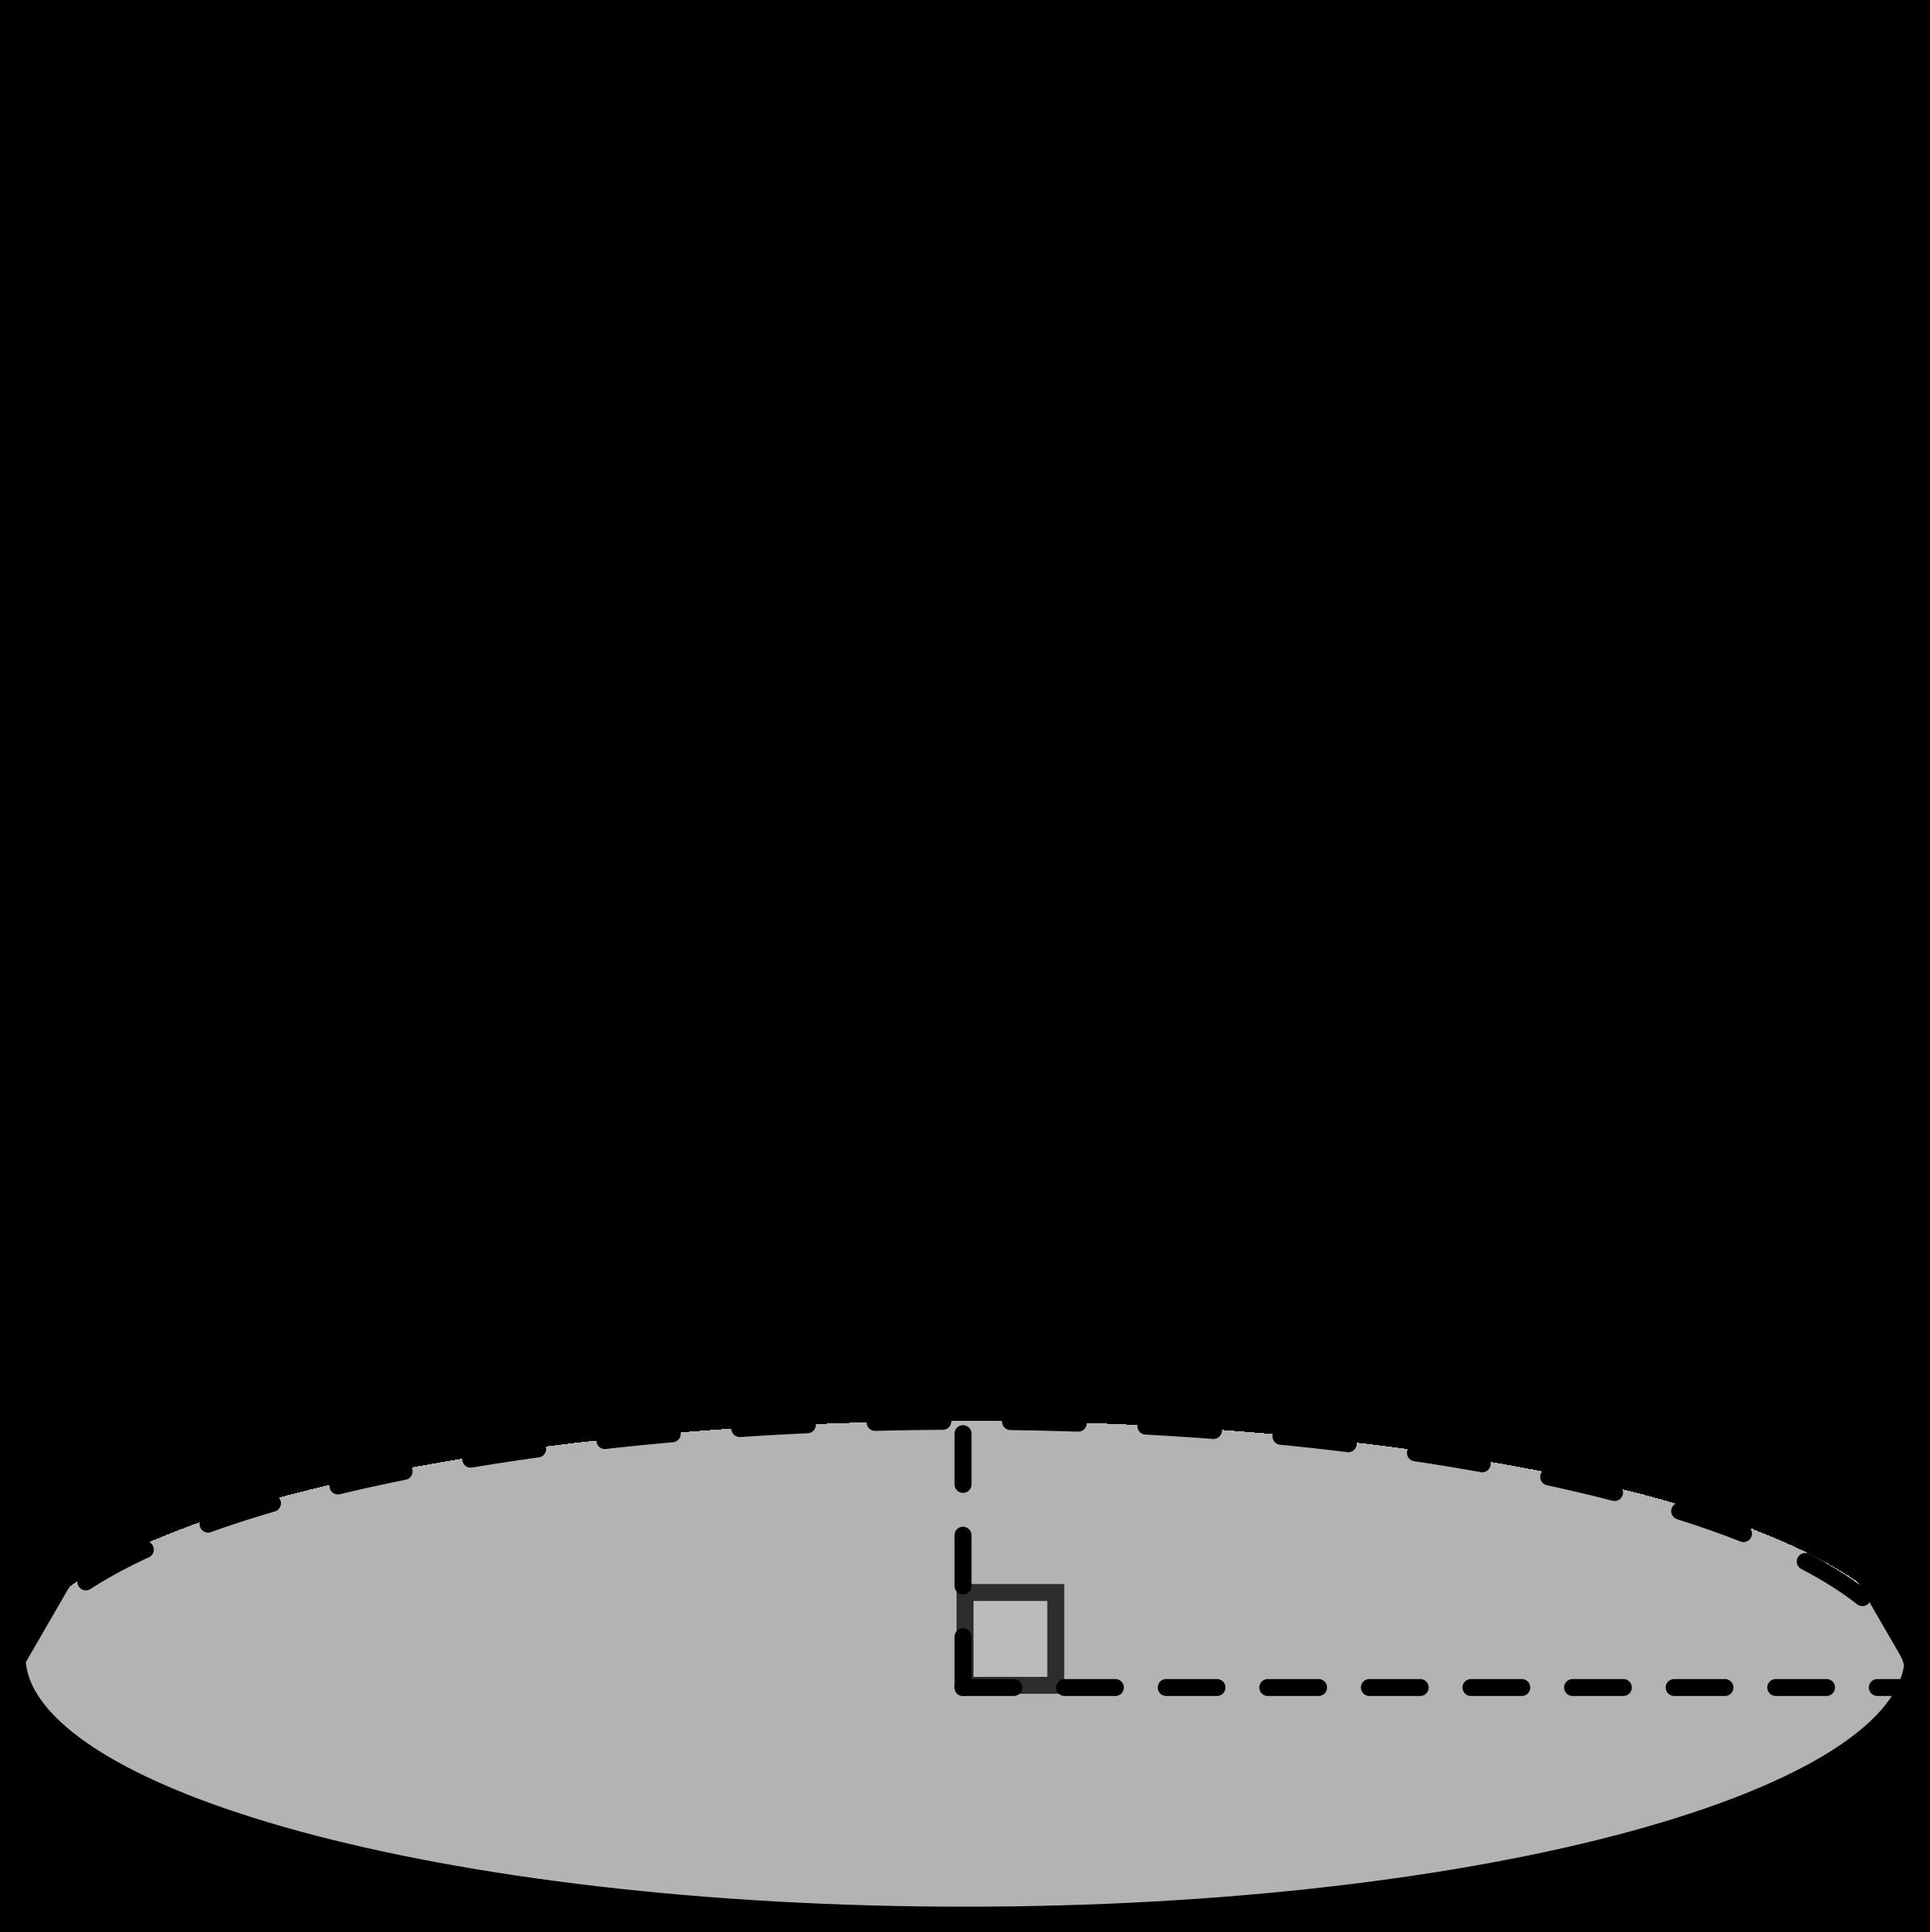 Конус — википедия. что такое конус